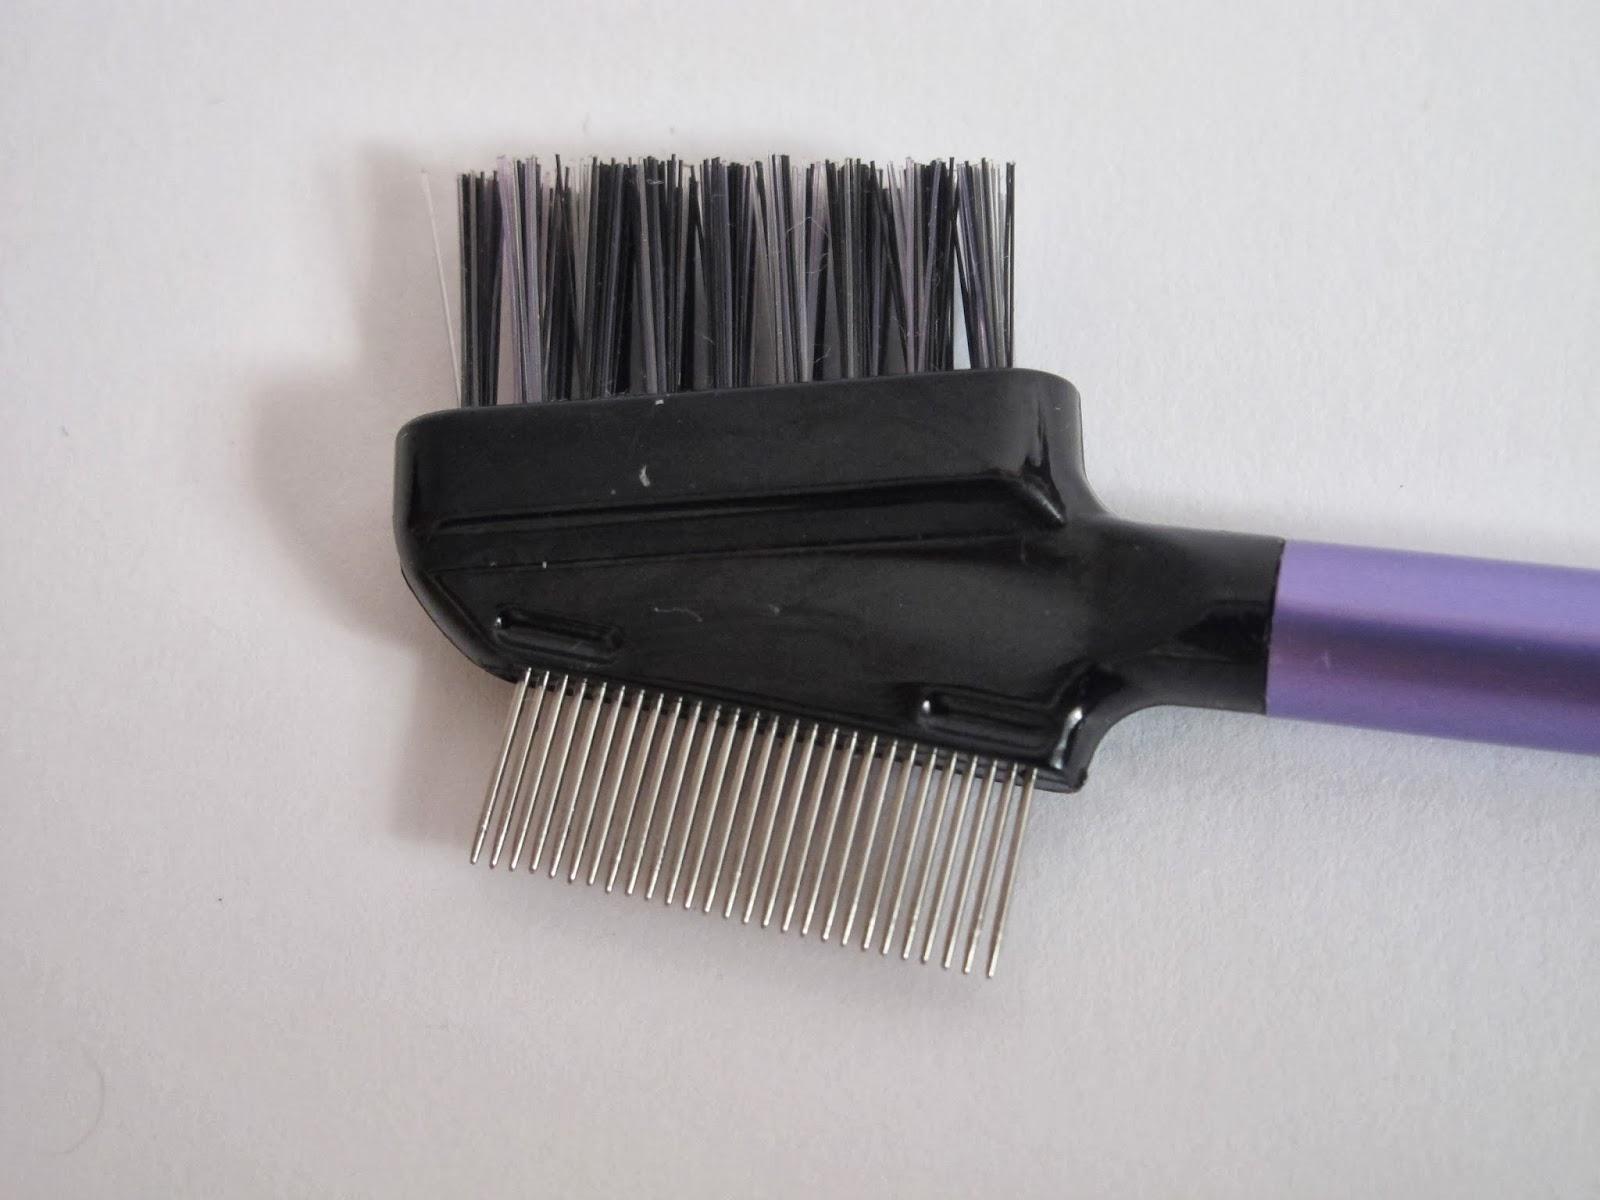 Фото металлической расчески для ресниц